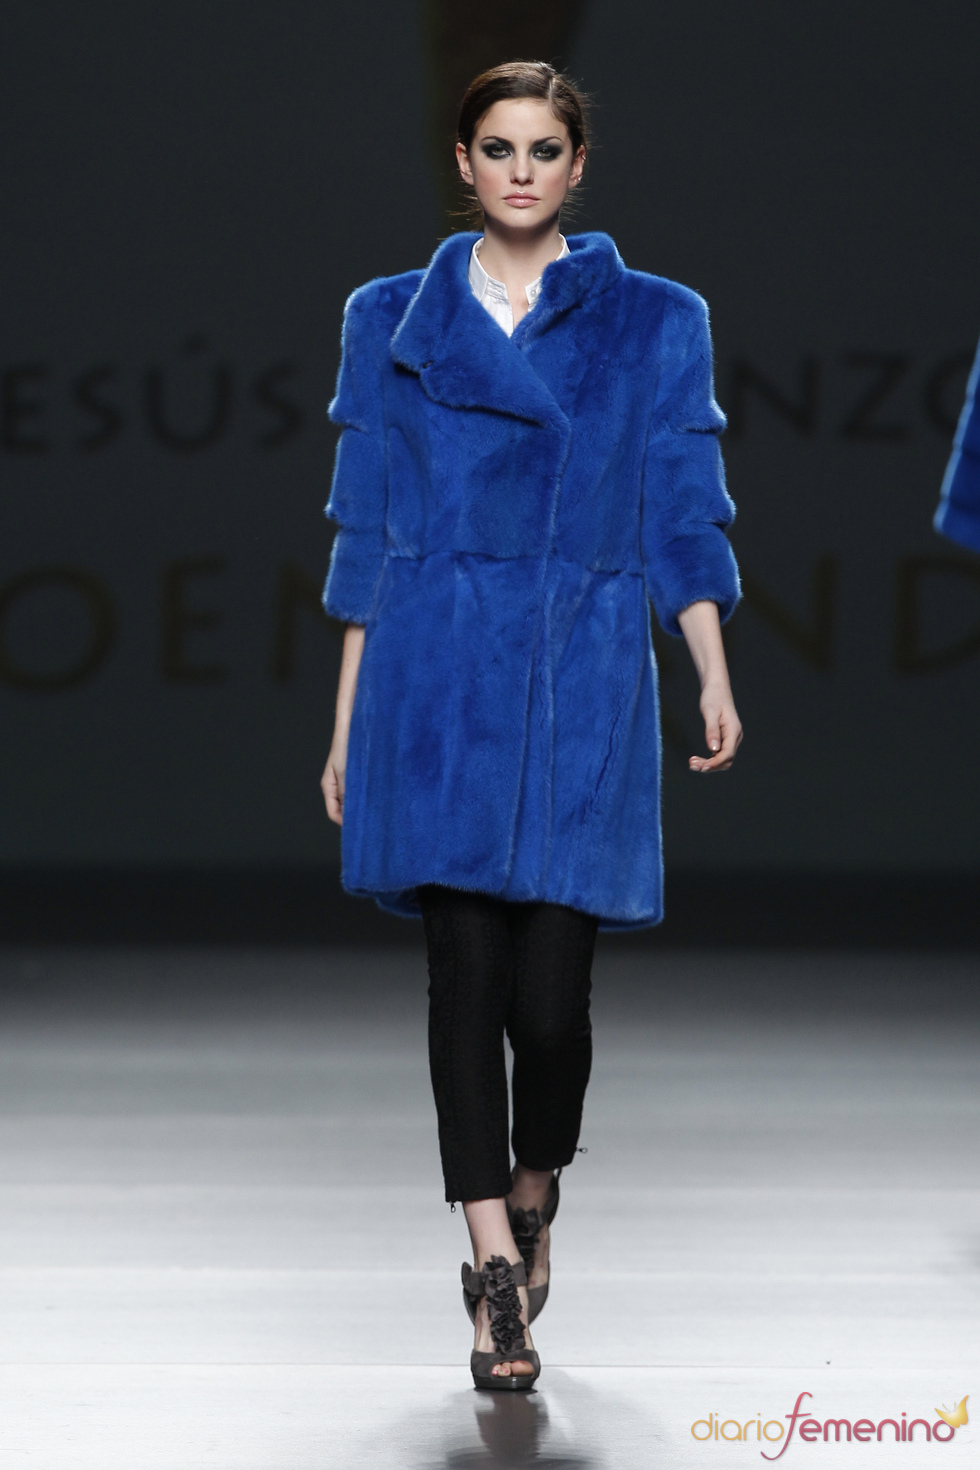 Abrigo azul klein. Desfile de Jesús Lorenzo en Cibeles 2011